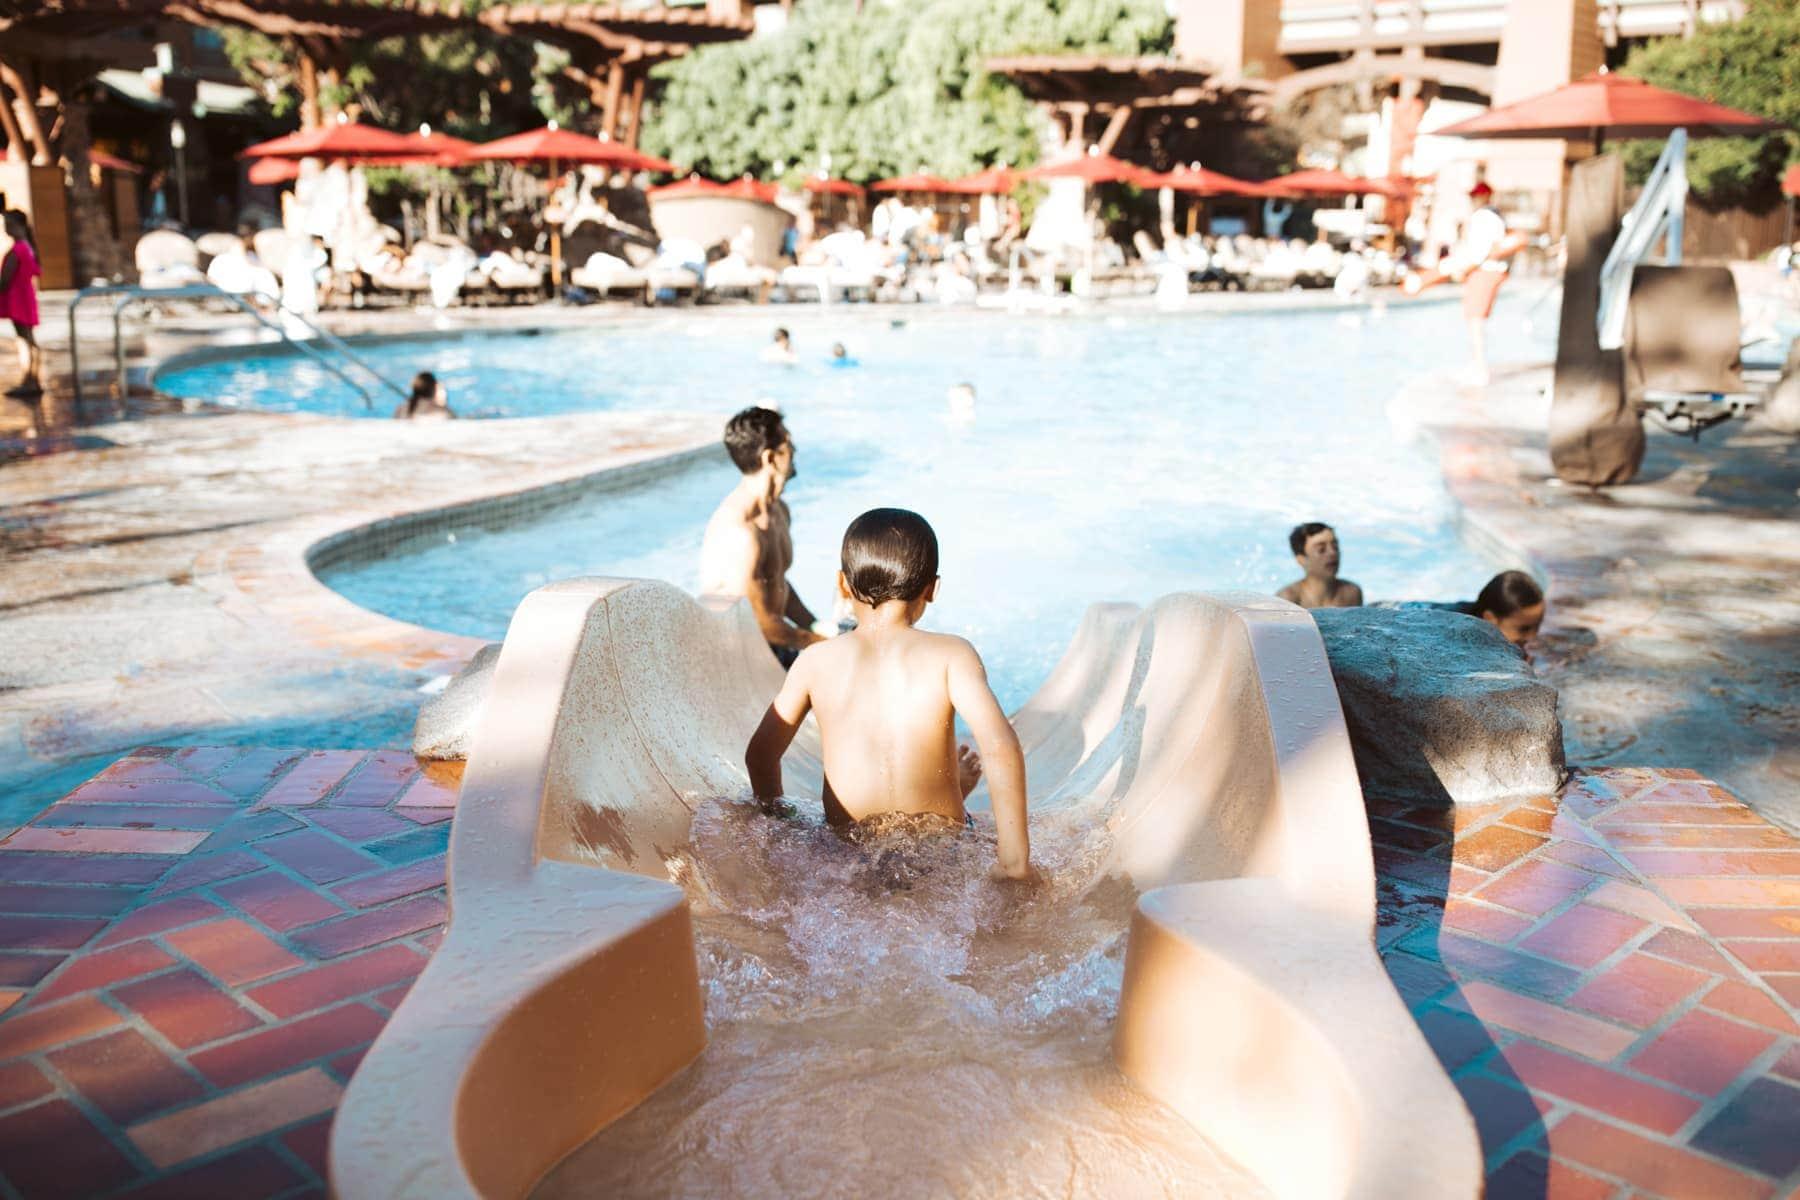 Grand California Pool